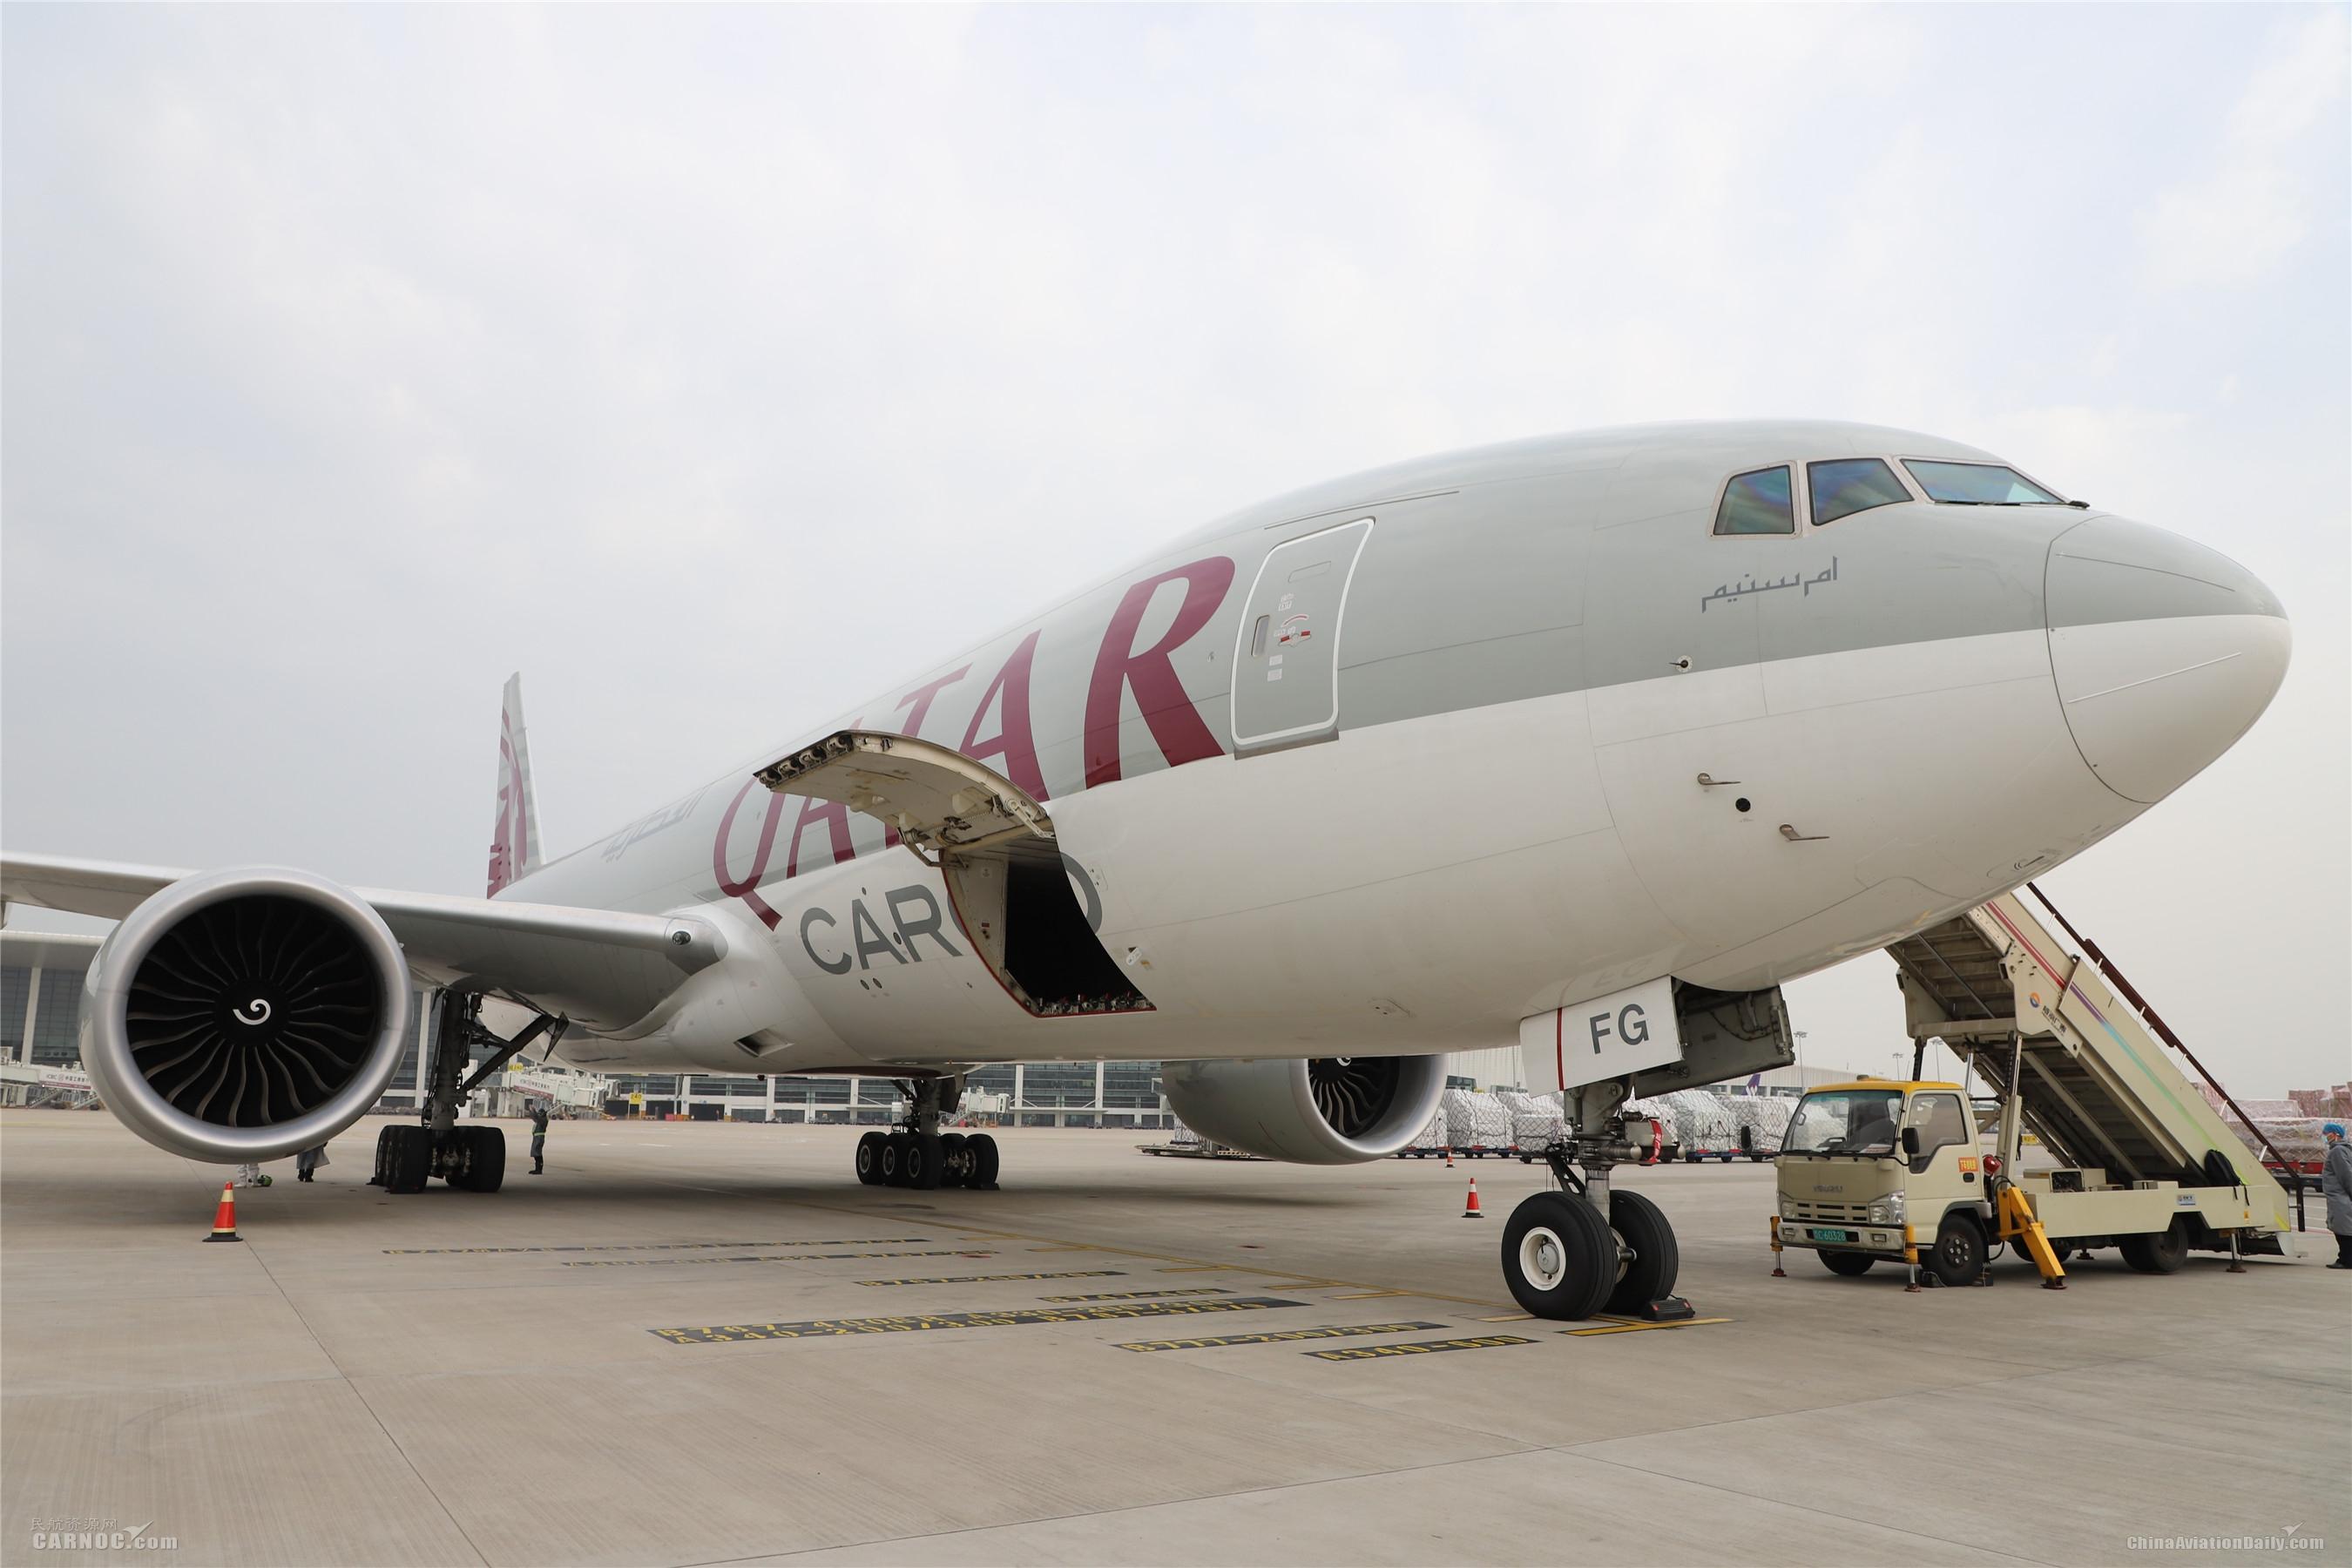 卡航郑州至多哈货运航线首航 郑州机场4月份货邮吞吐量增速全国第一